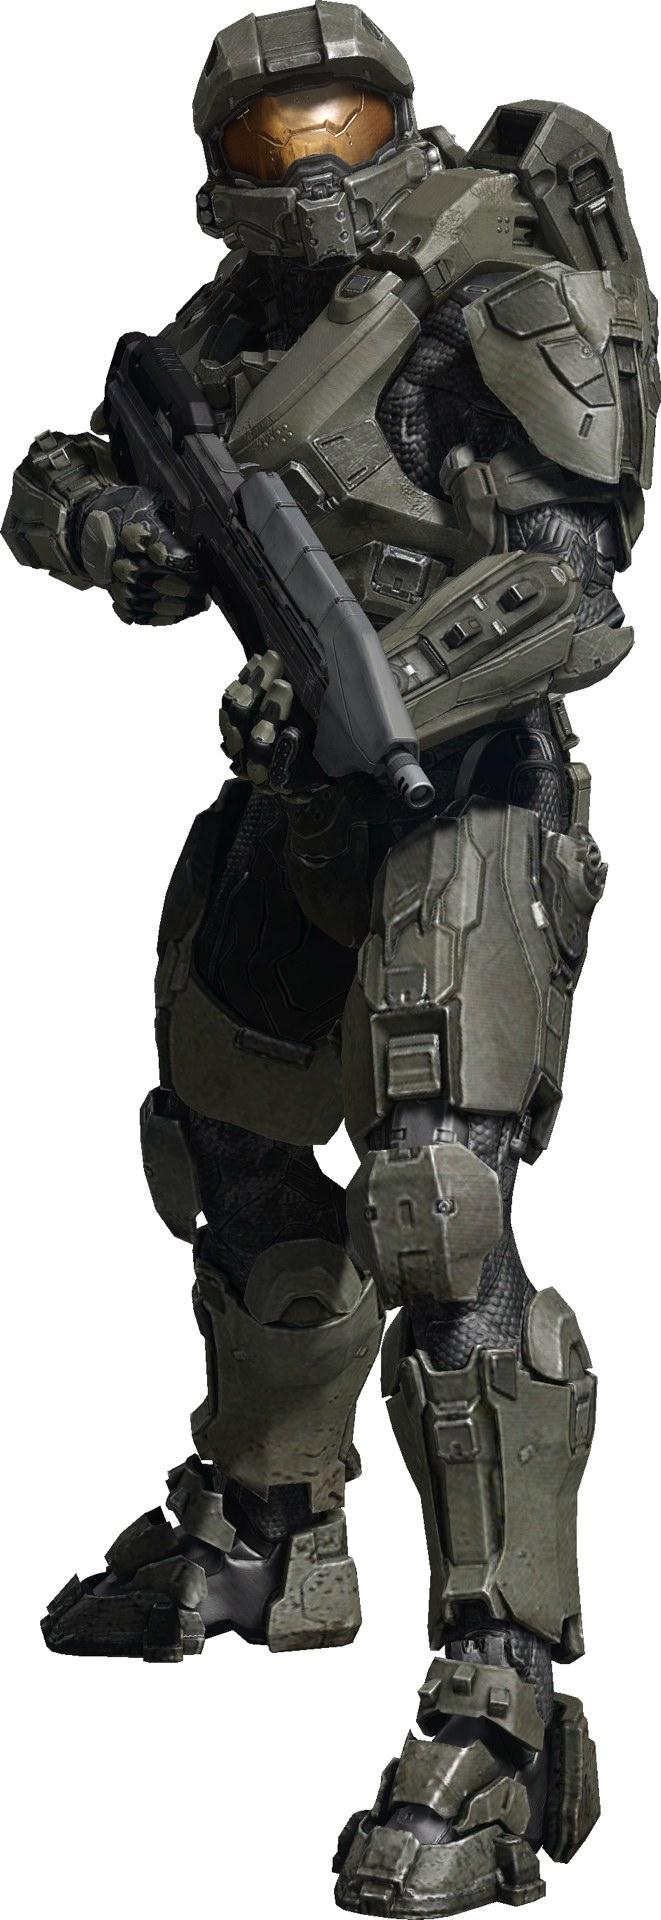 Halo4 360 Visuel 014